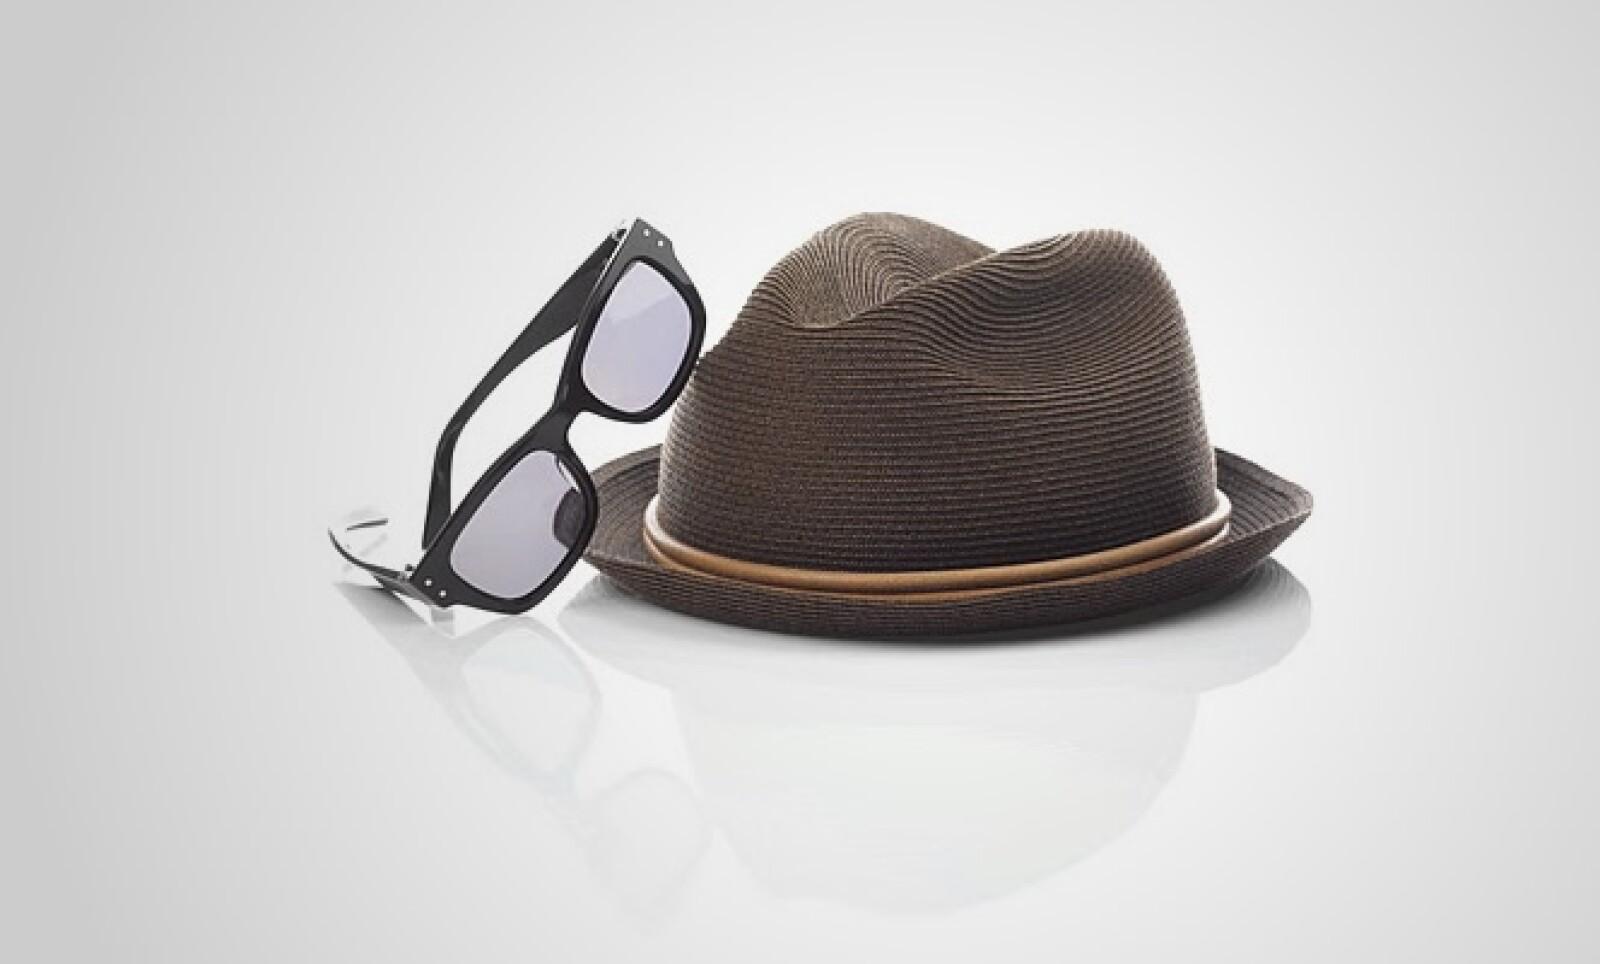 Si te atreves a ser más excéntrico, te recomendamos este sombrero en tonos café y beige, junto con unos lentes de pasta.